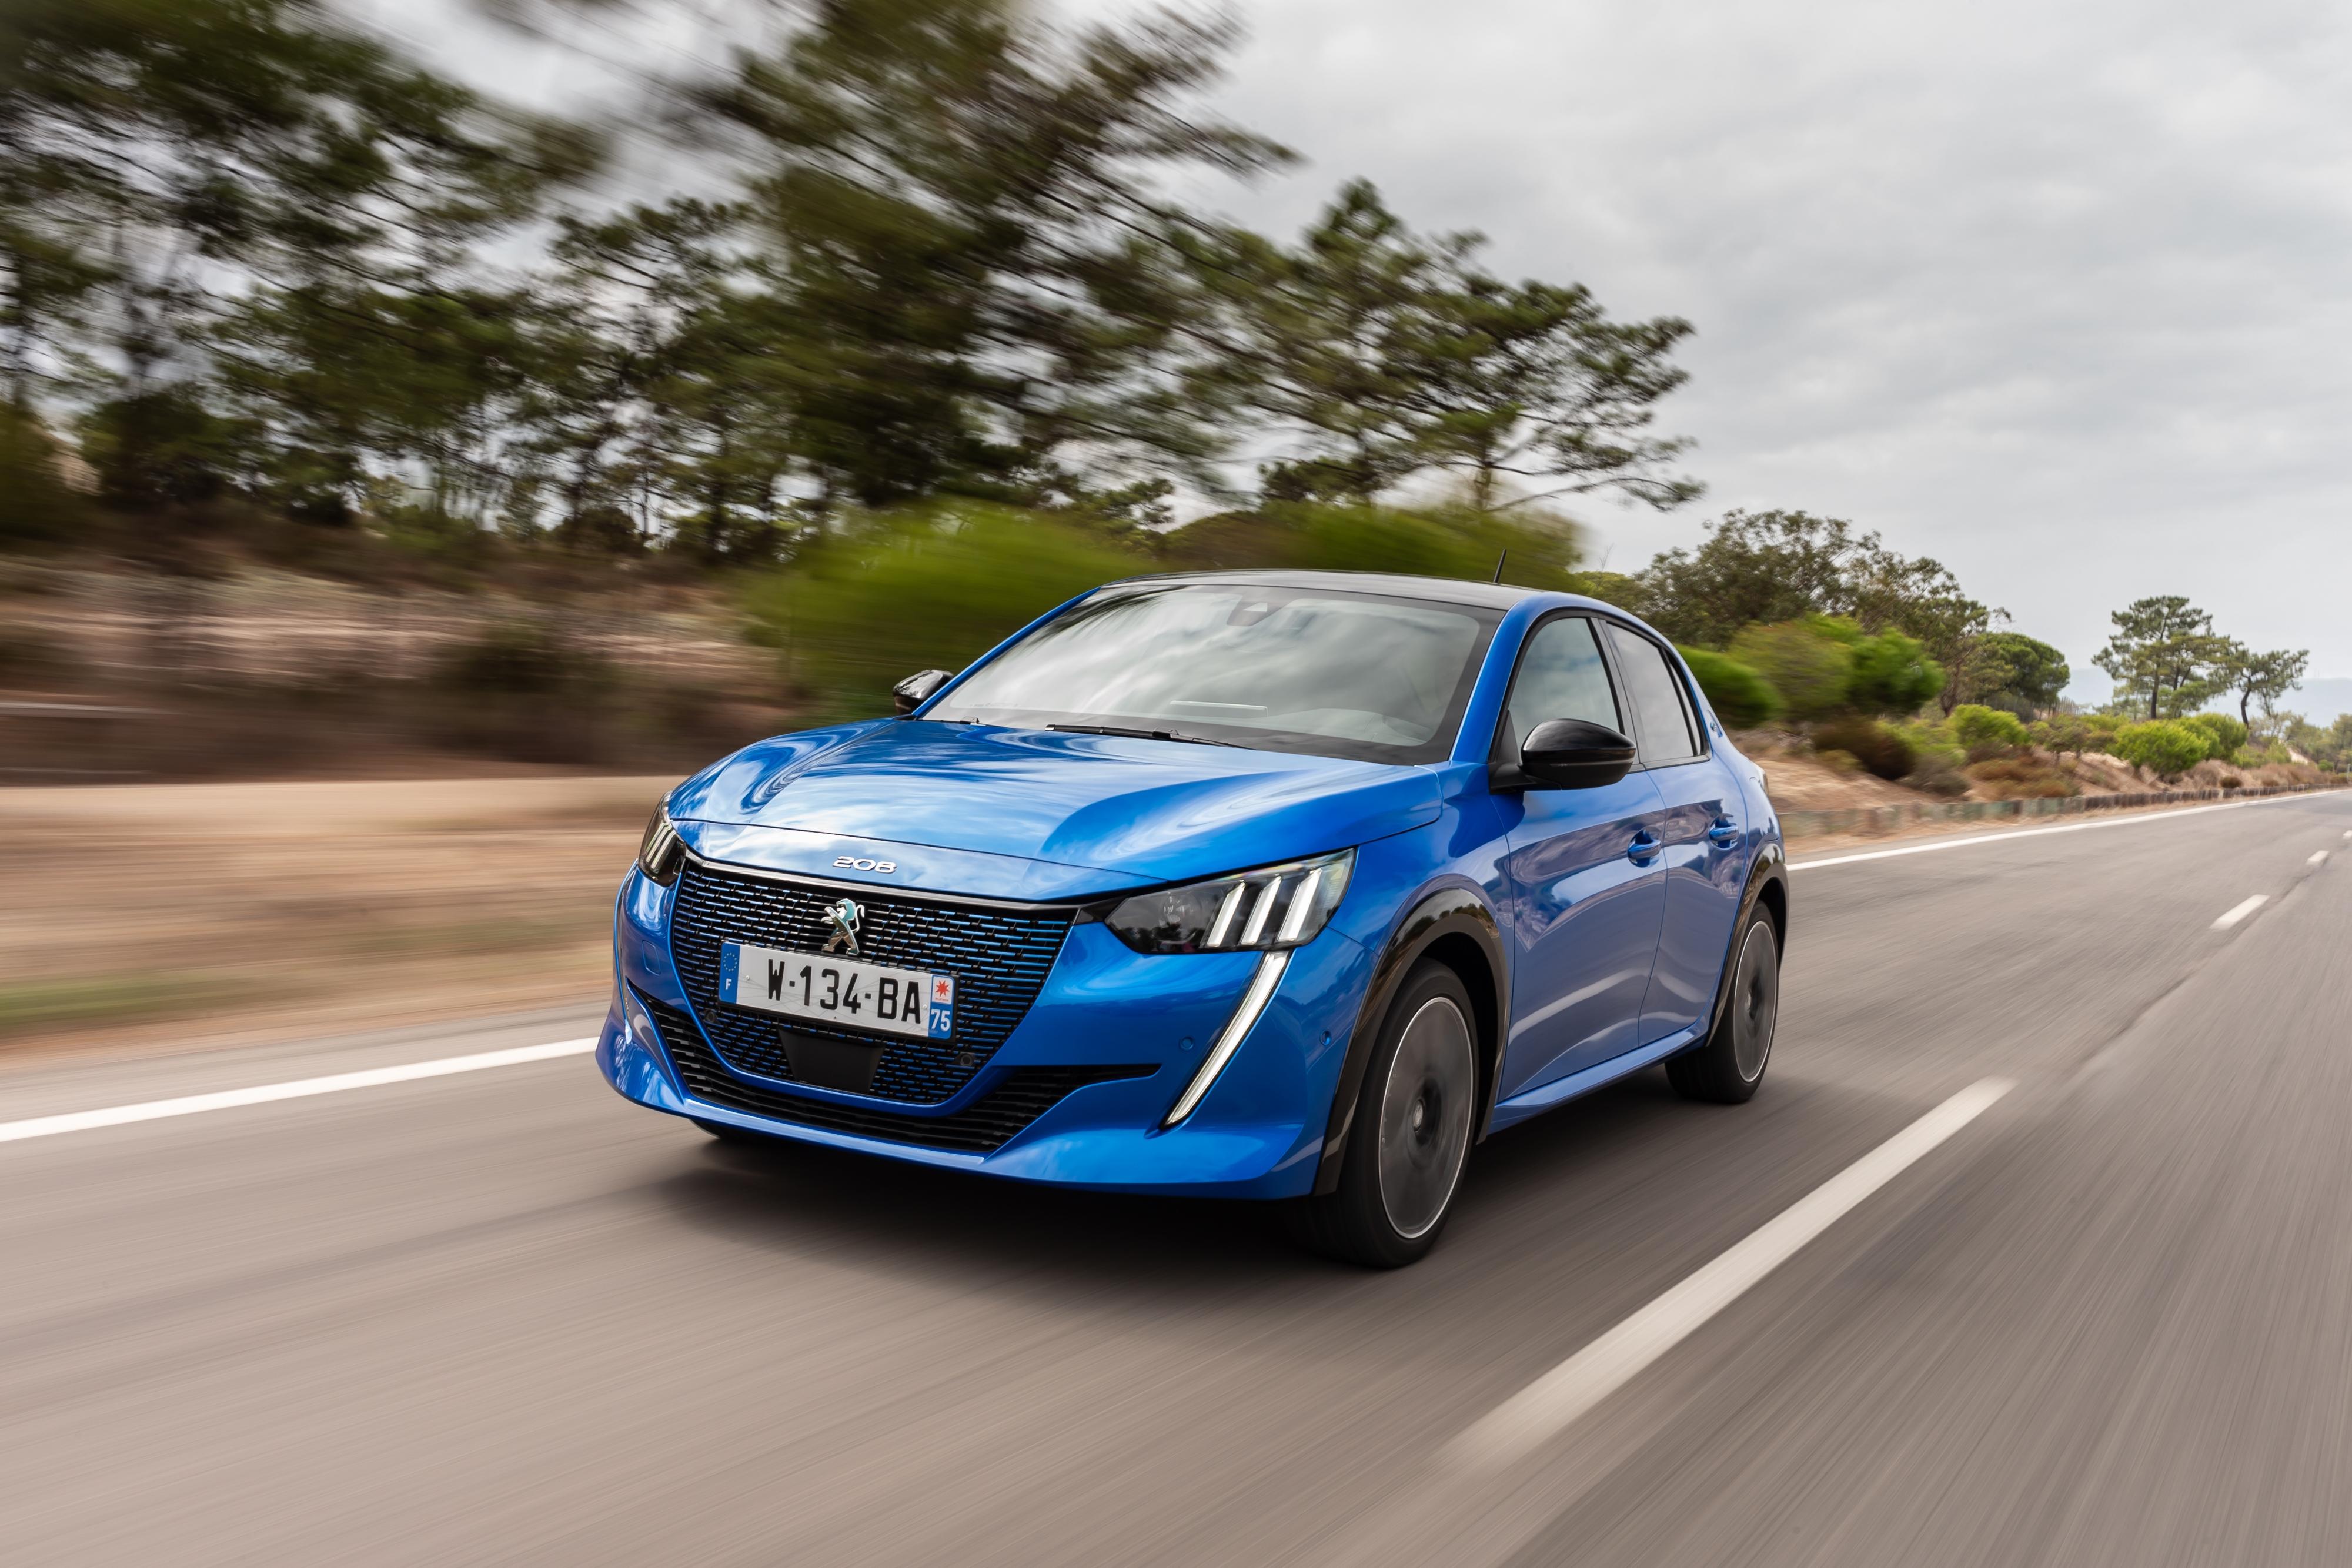 Ventes De Voitures En Europe Peugeot Souffre Volkswagen Loin Devant Toyota Cartonne